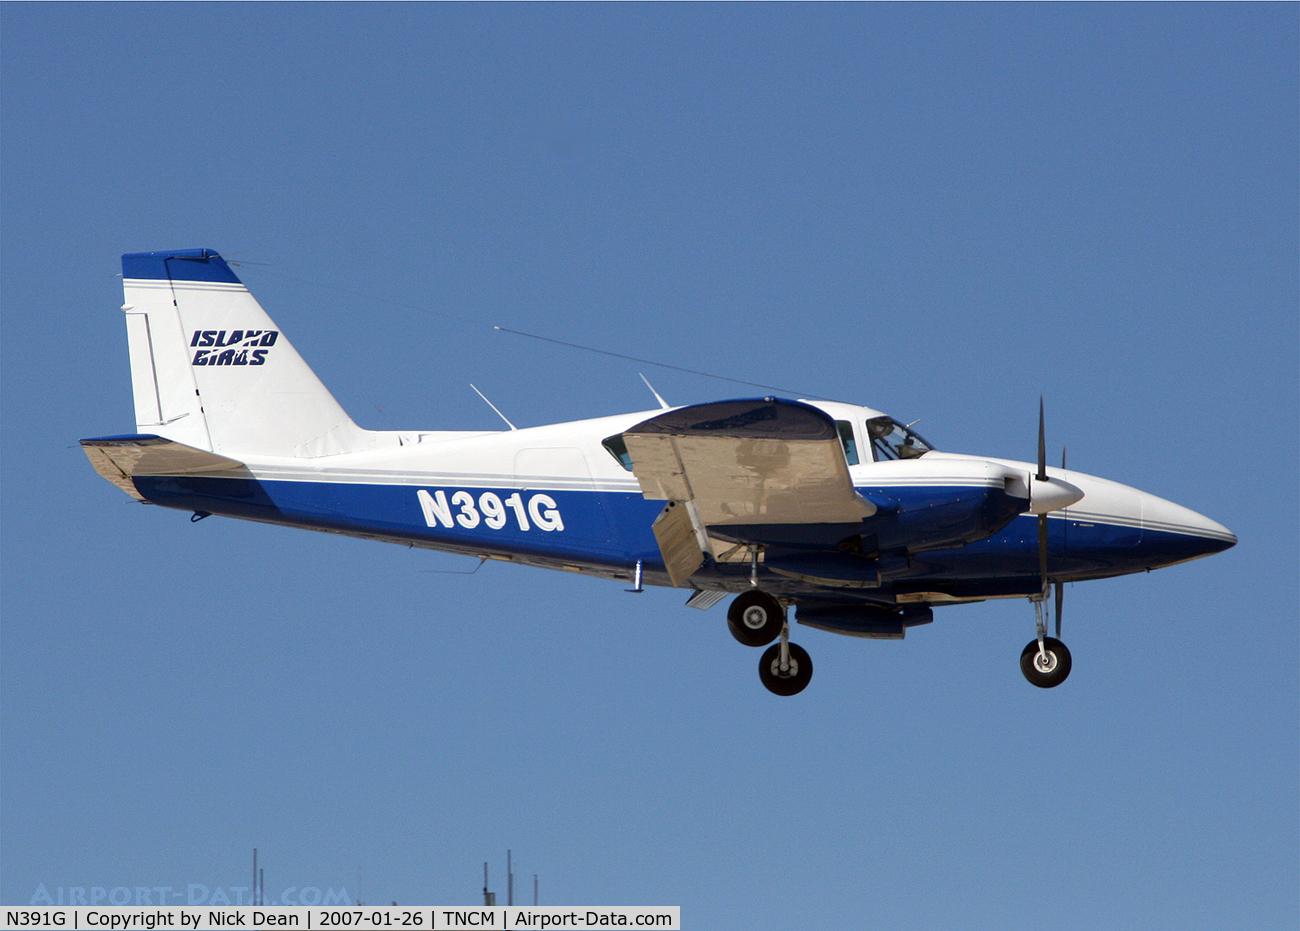 N391G, 1974 Piper PA-23-250 Aztec C/N 27-7405475, .